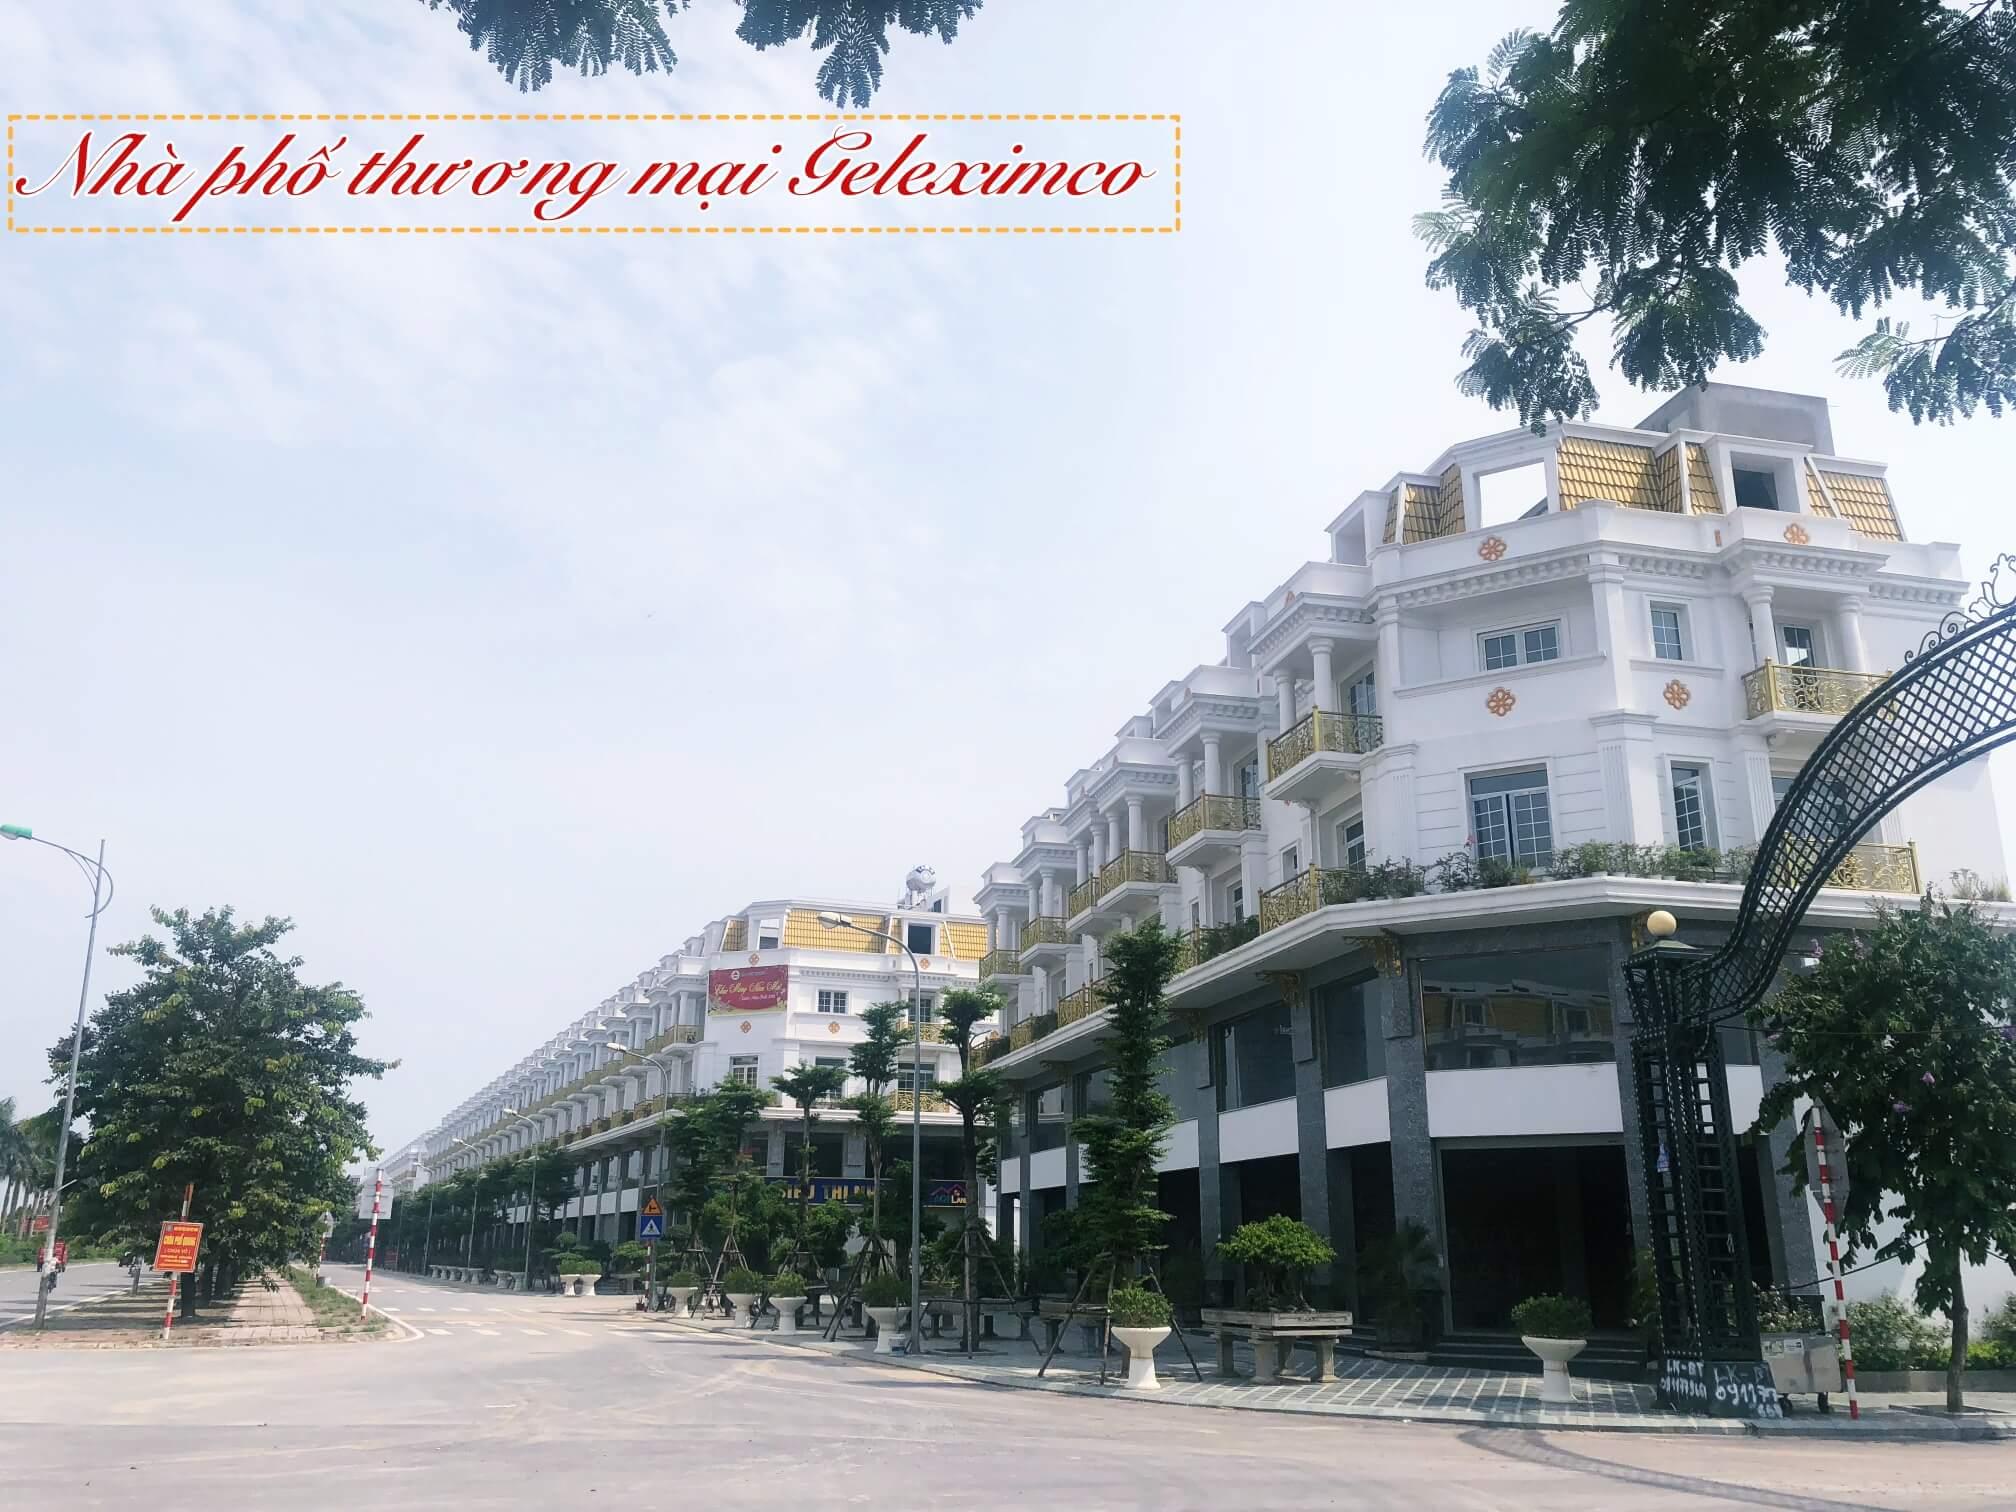 Khu nhà phố thương mại Geleximco Lê Trọng Tấn